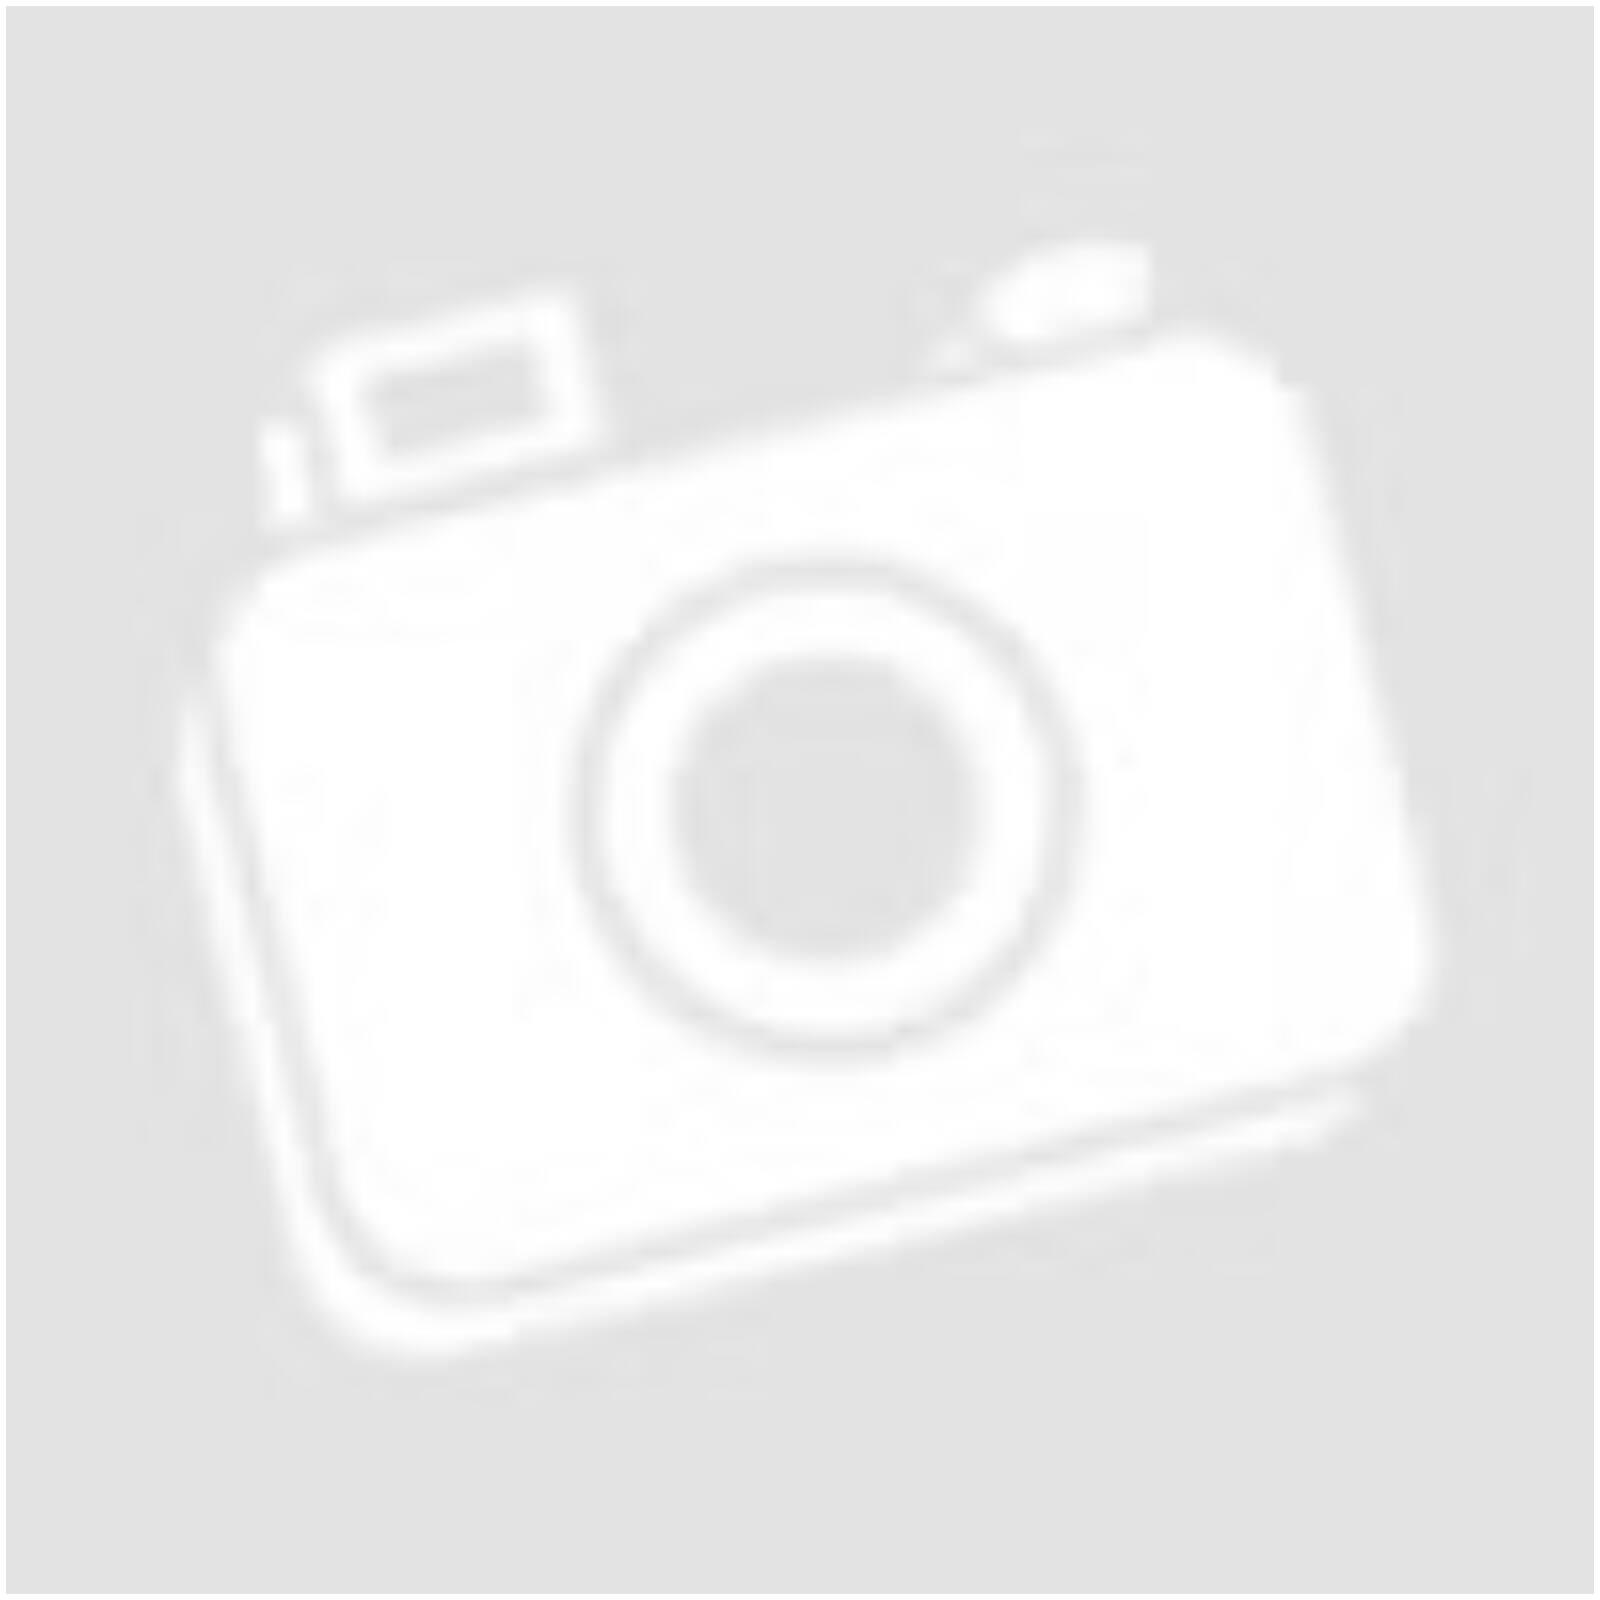 Ajakrúzs Push type Metal CC:001-CC:005 2,2g